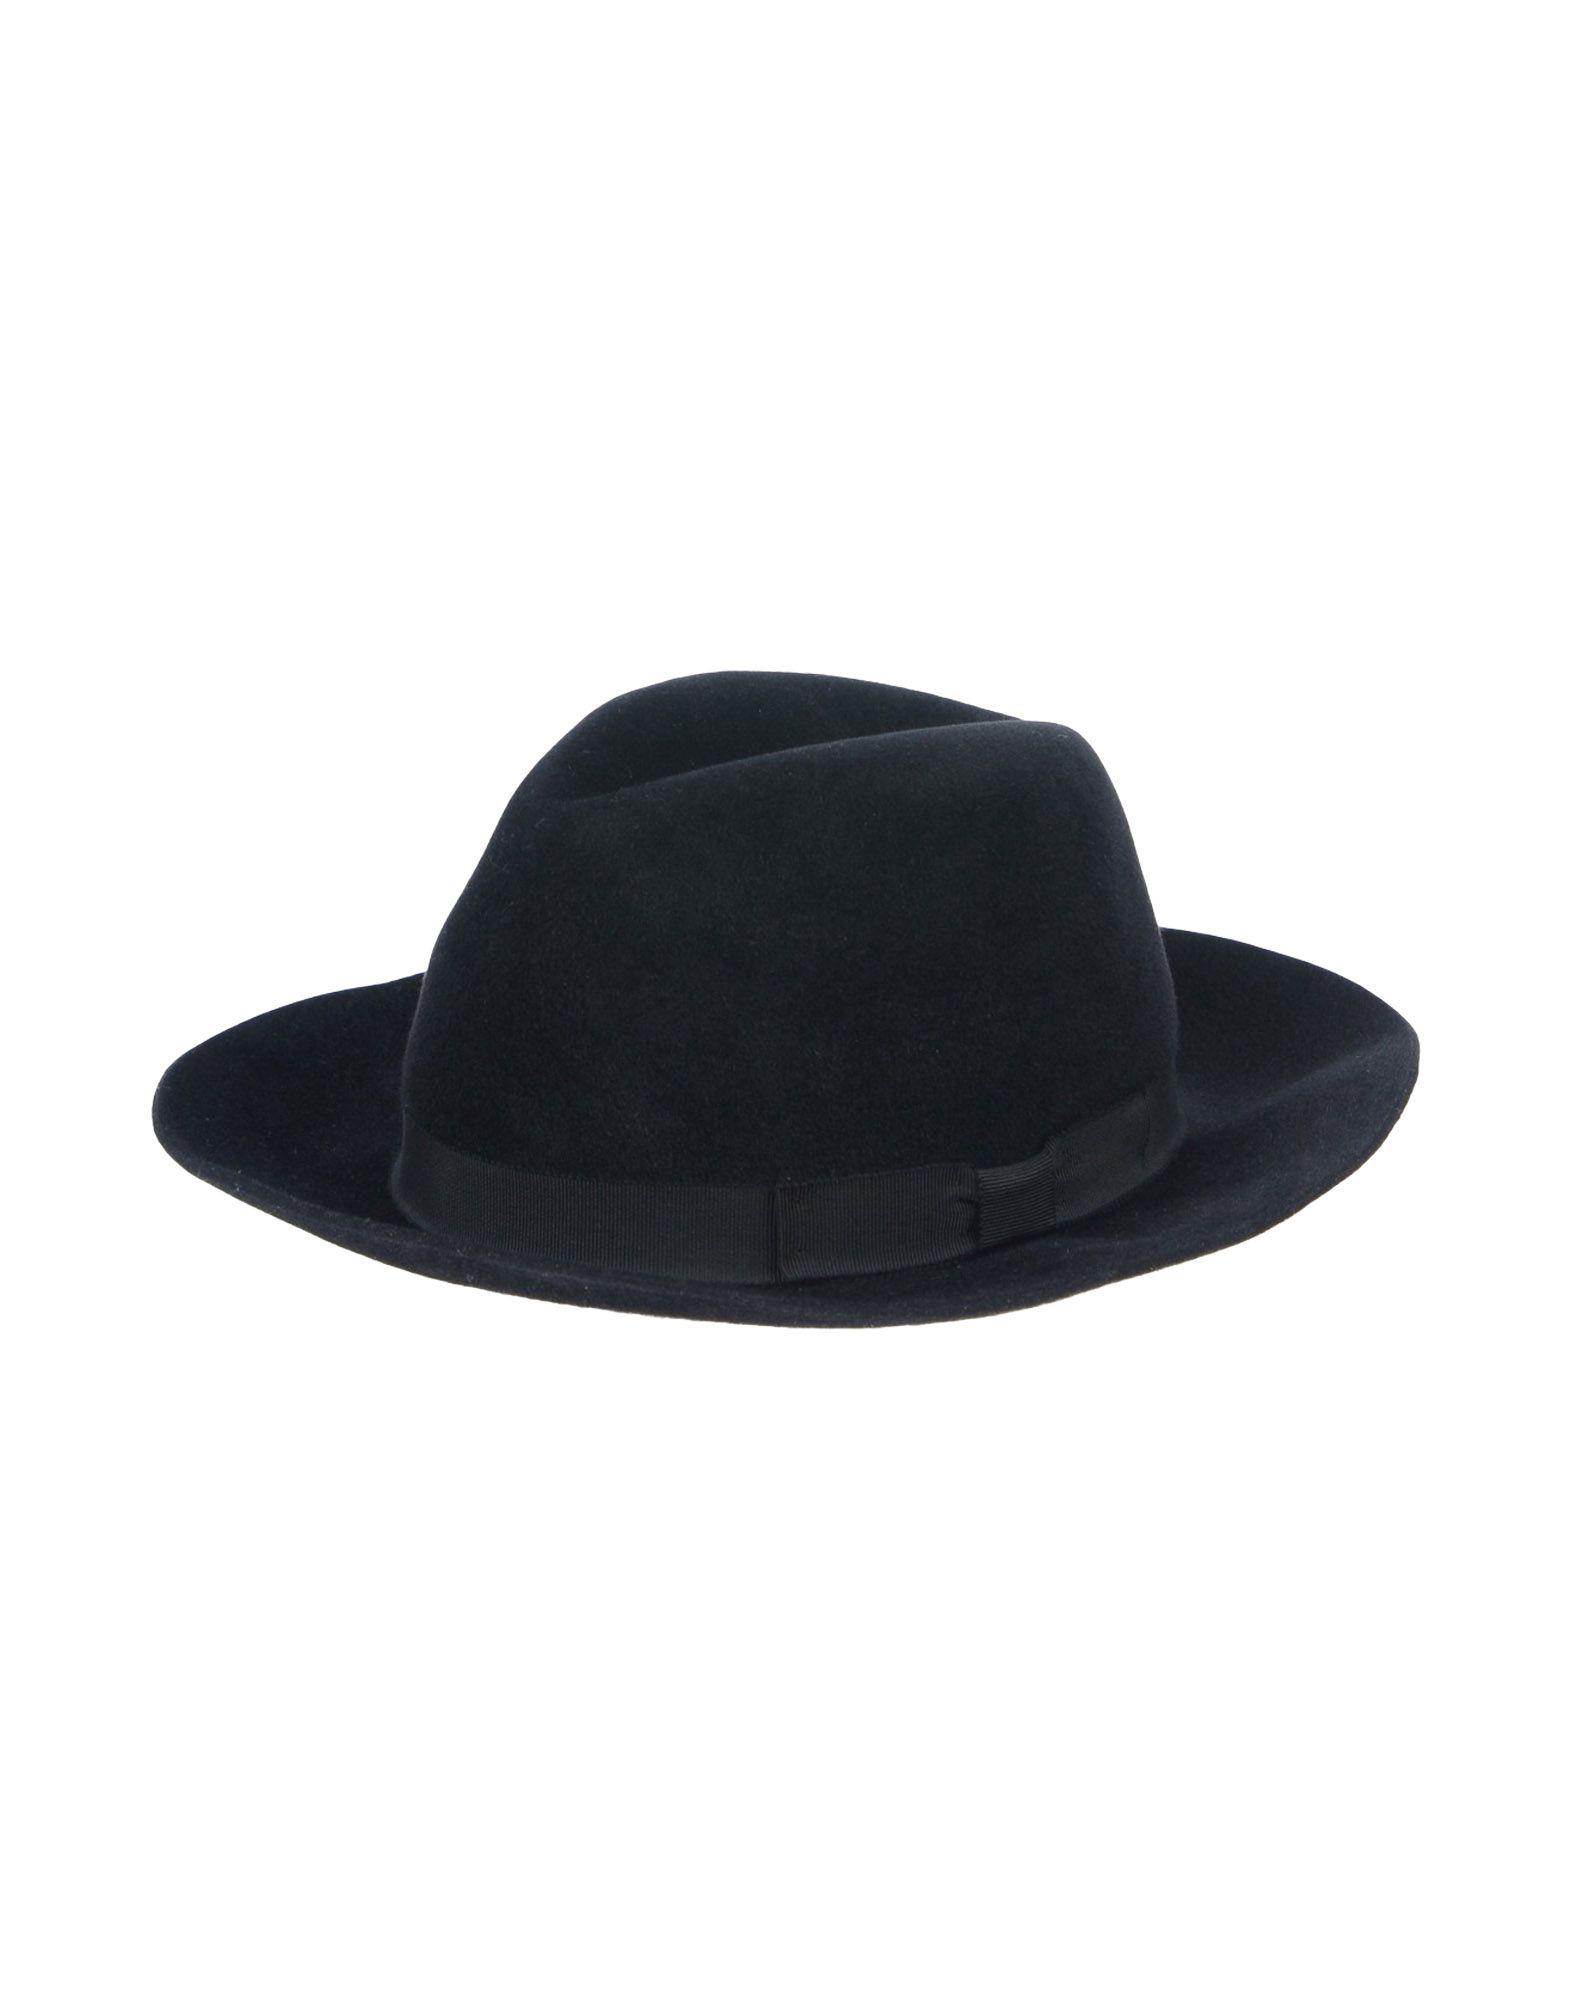 ae2f7becfc5 Larose Paris Hat - Women Larose Paris Hats online on YOOX United ...